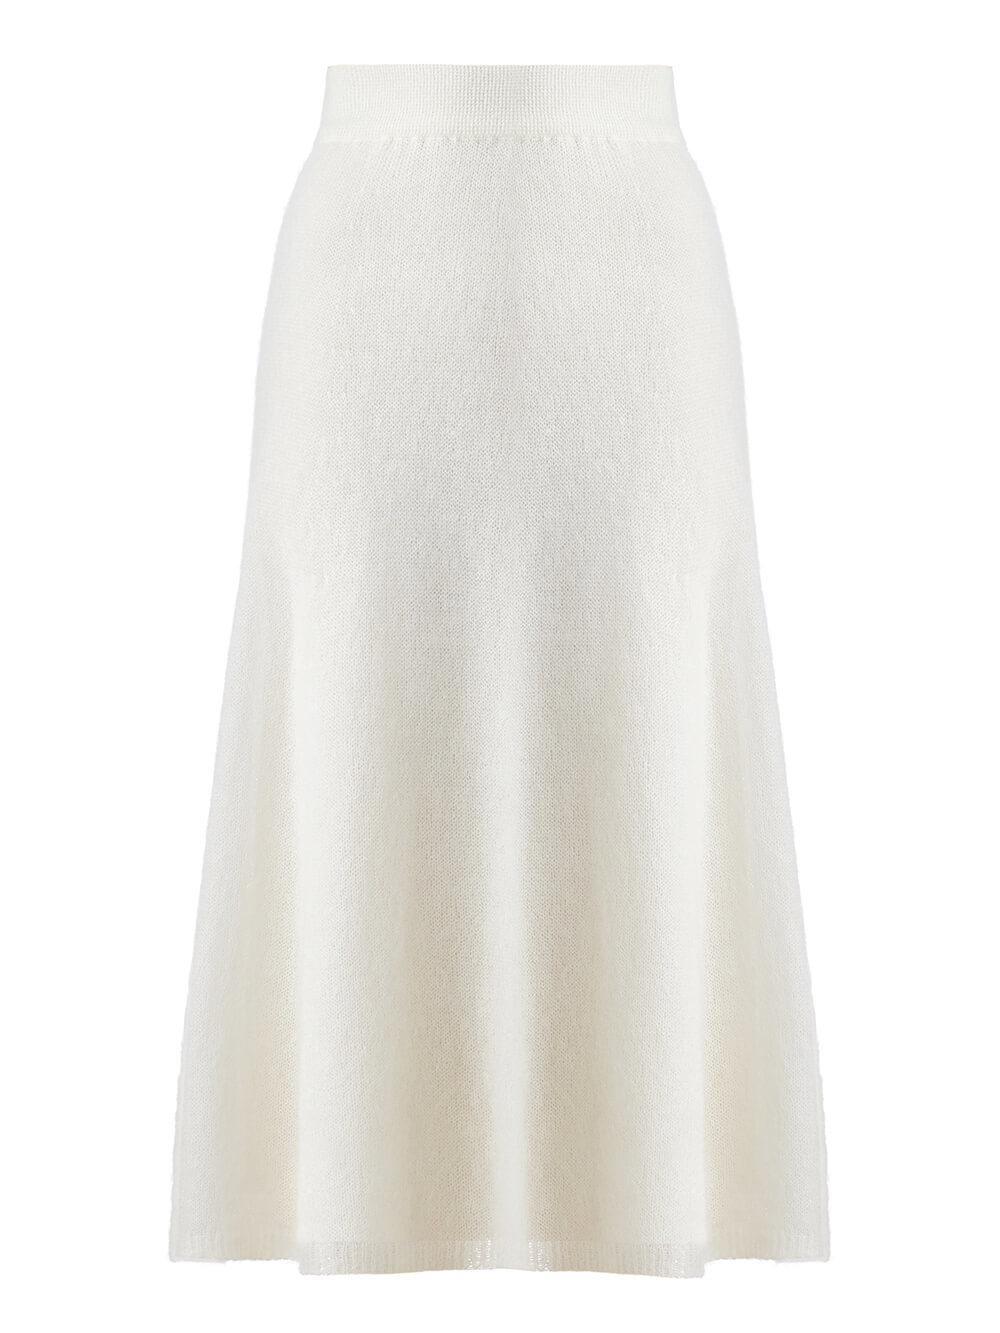 Женская юбка молочного цвета из мохера - фото 1